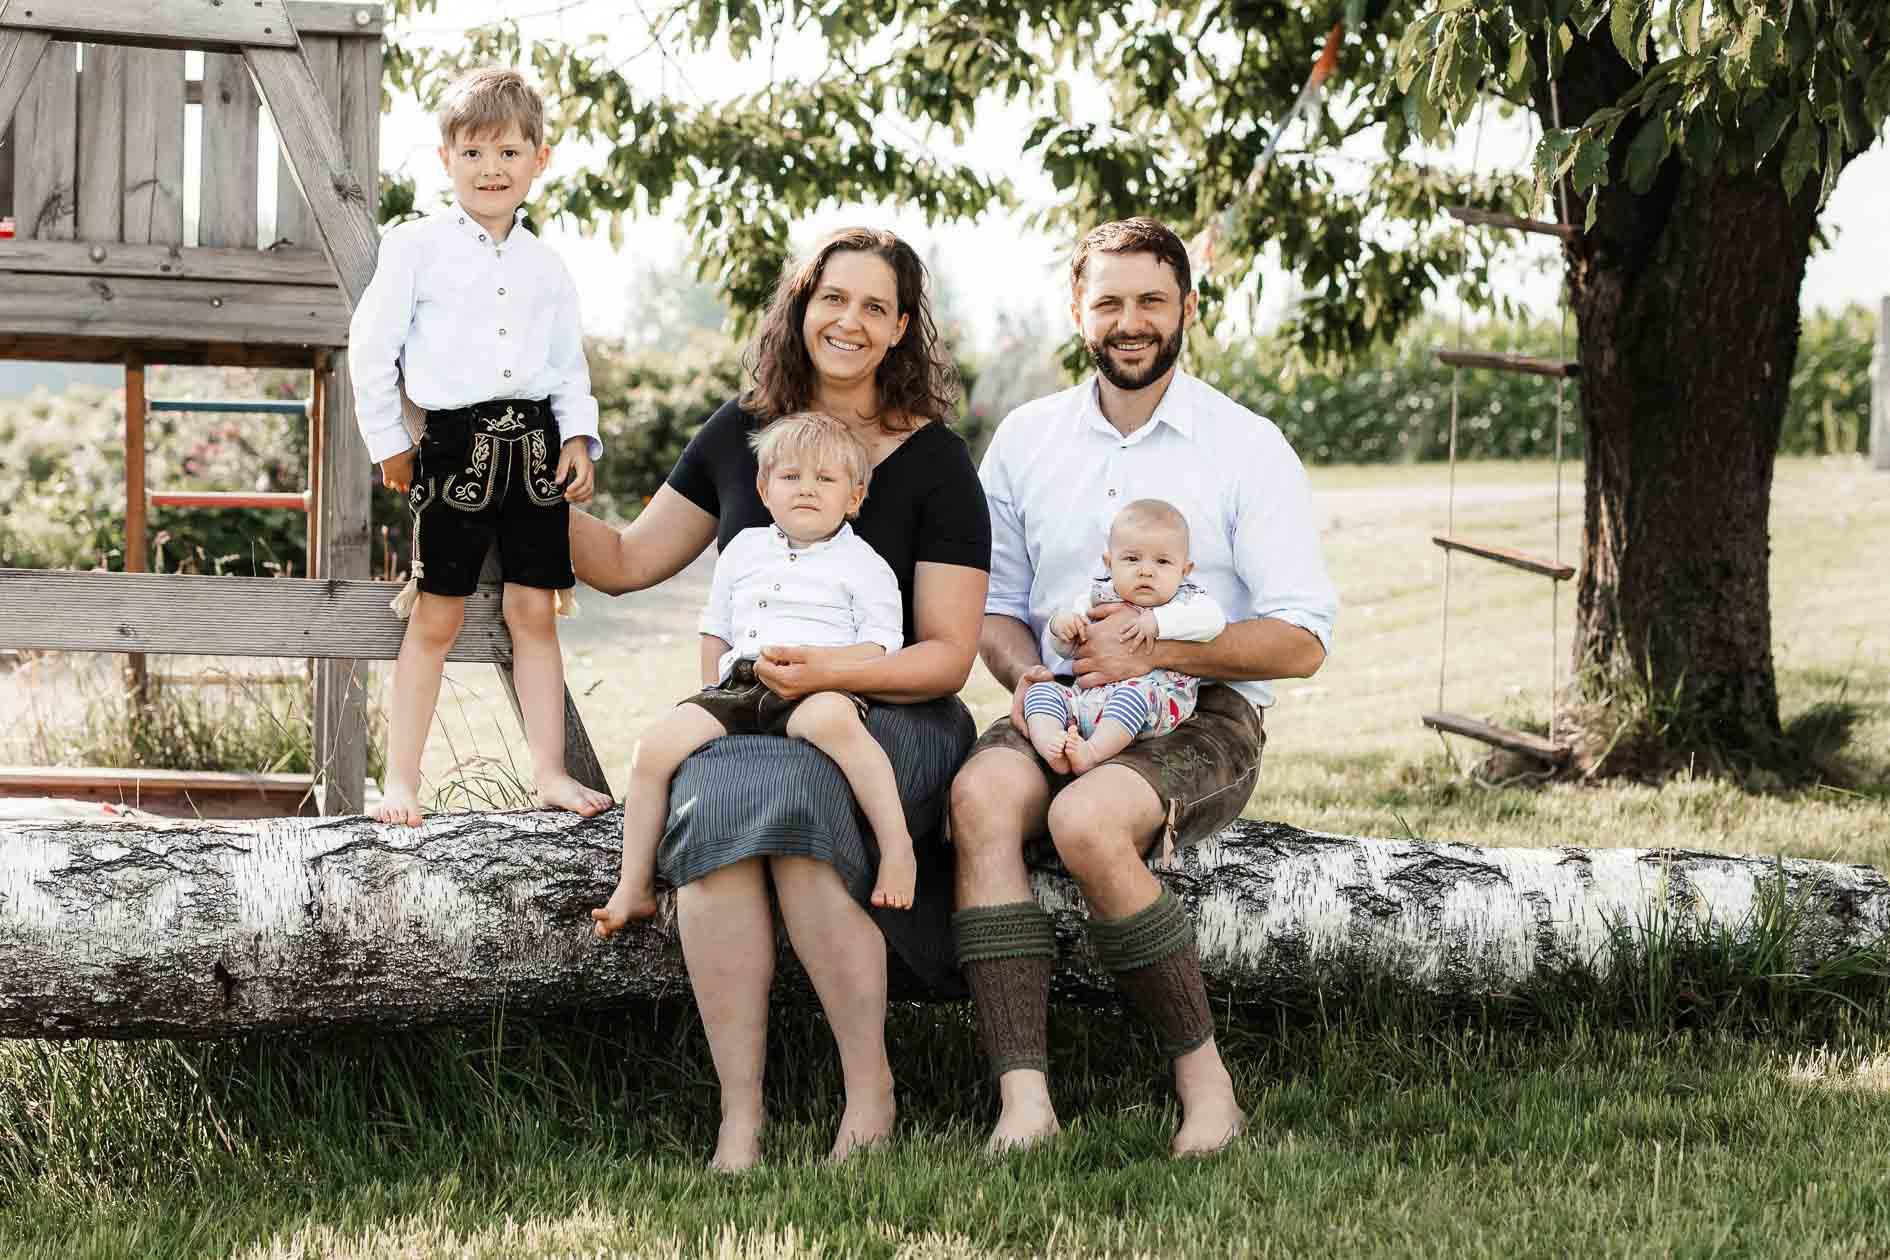 Familienbilder im heimischen Garten, authentisch und echt - die Lichtzeichnerin